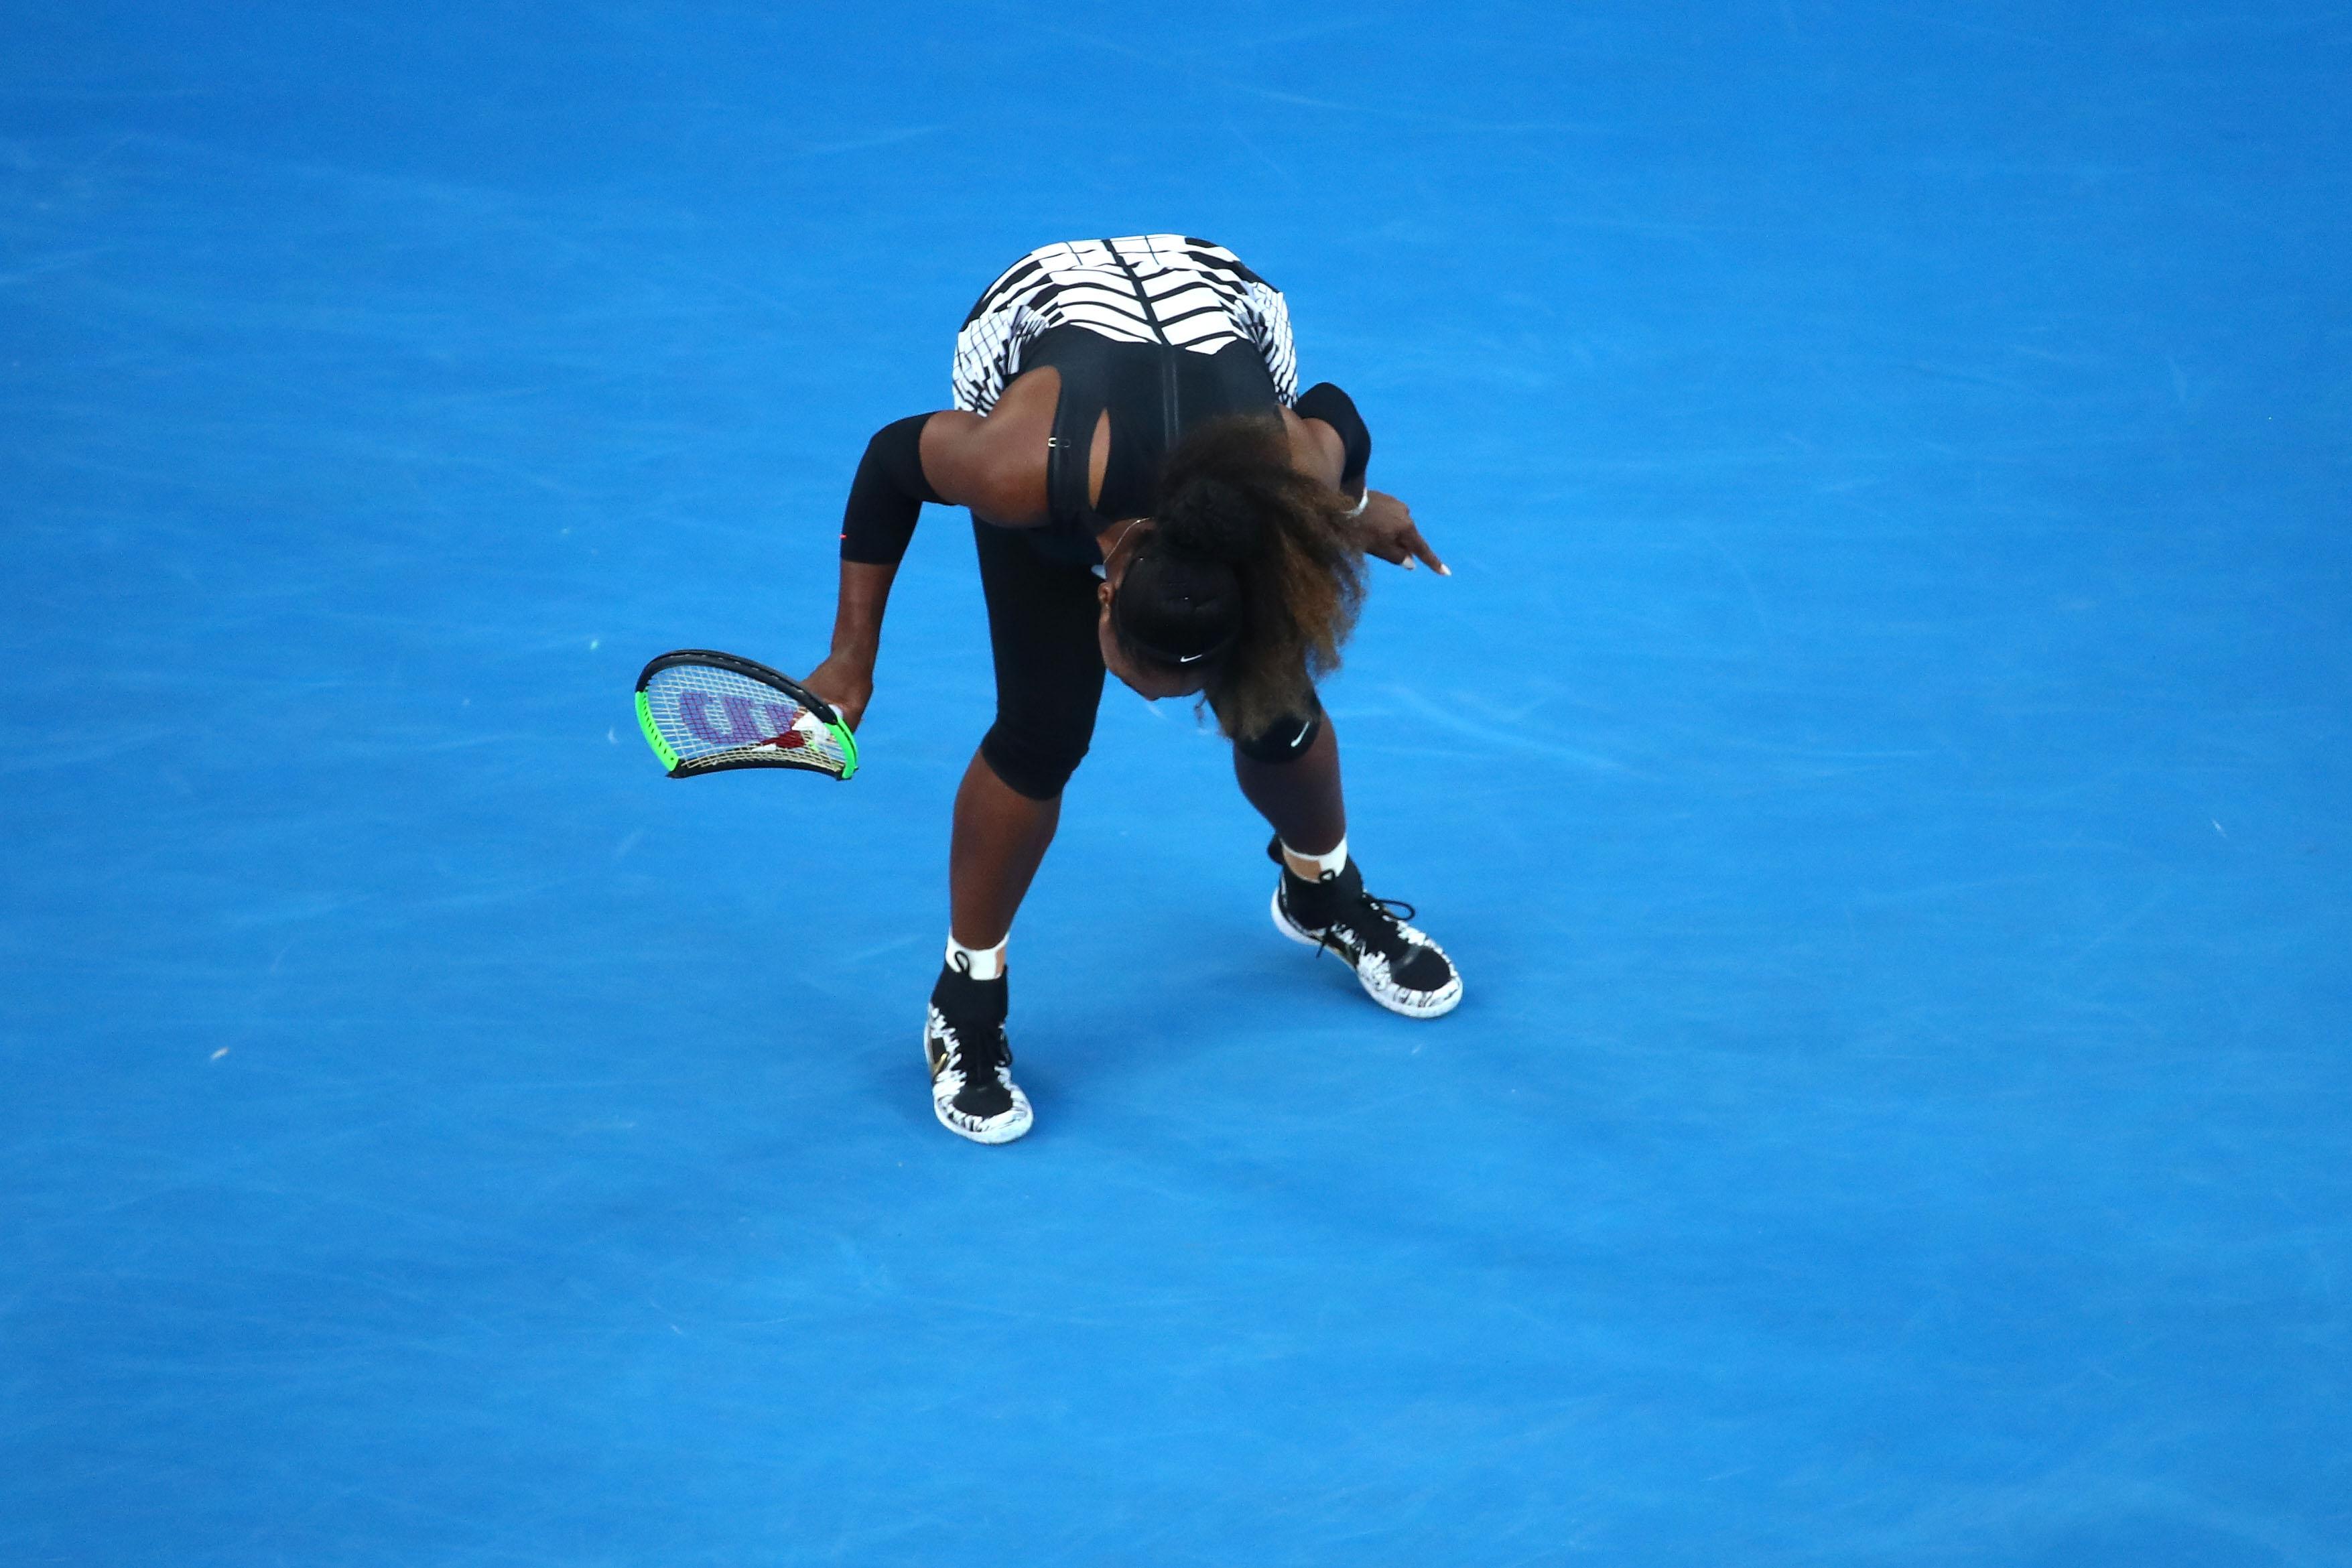 Gefrustet: Serena Williams zertrümmert ihr Racket bereits in der Anfangsphase des Matches.